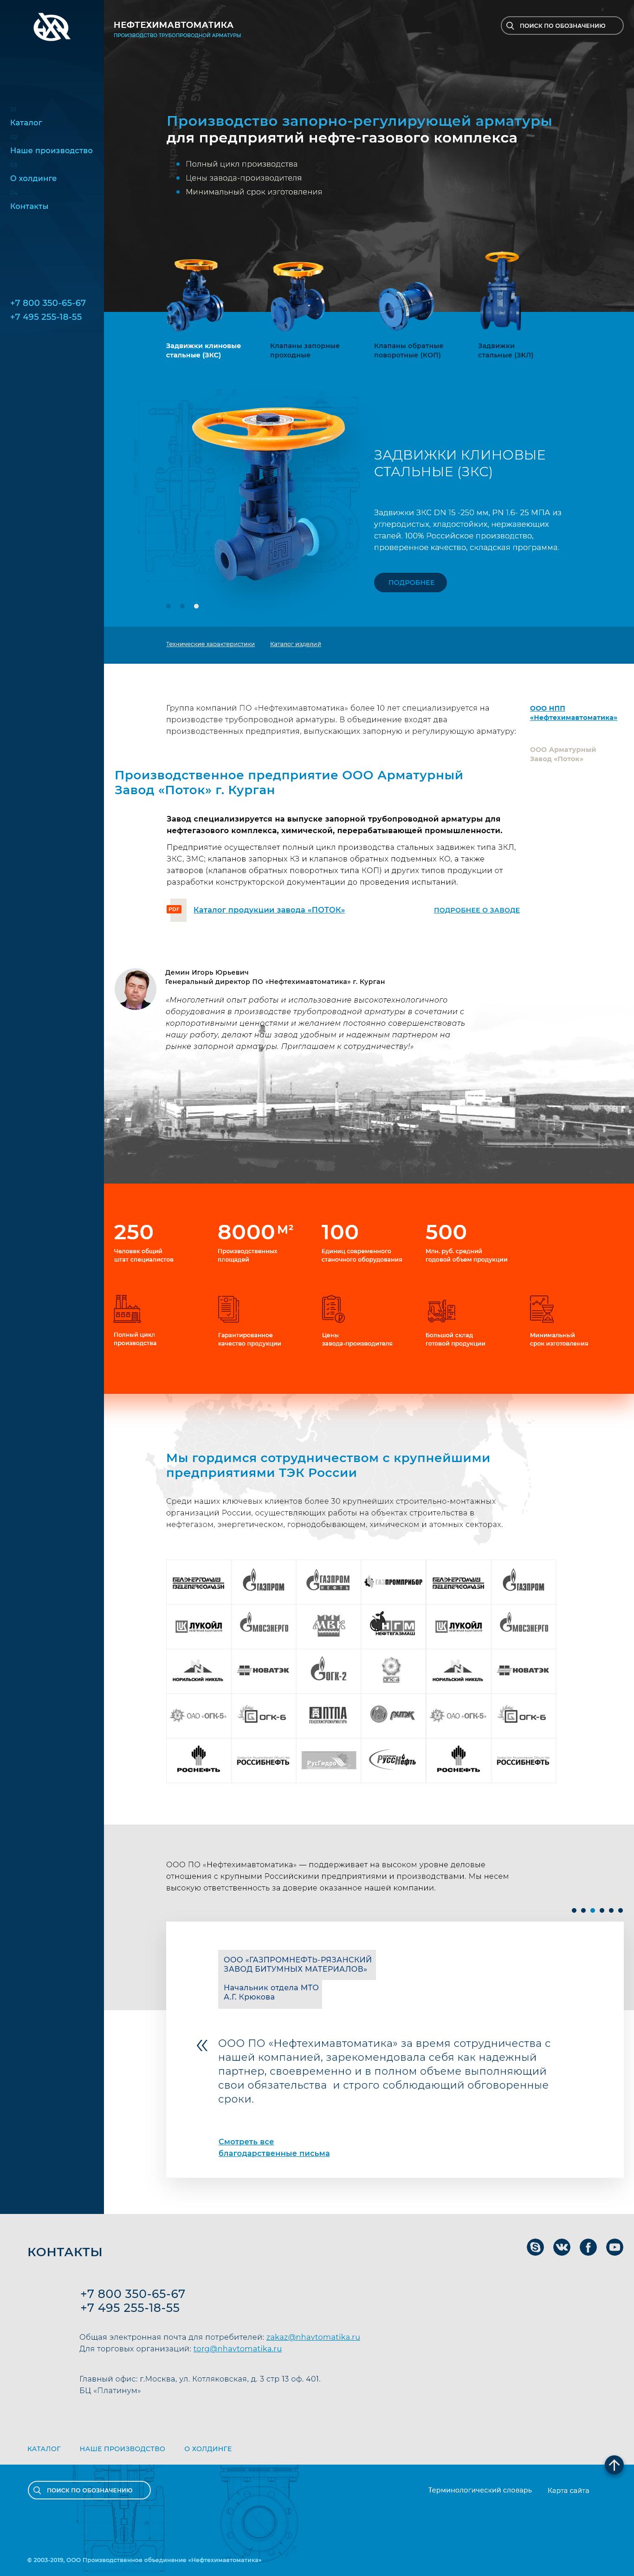 Внимание, конкурс для дизайнеров веб-сайтов! фото f_5345c6291fdc98de.png